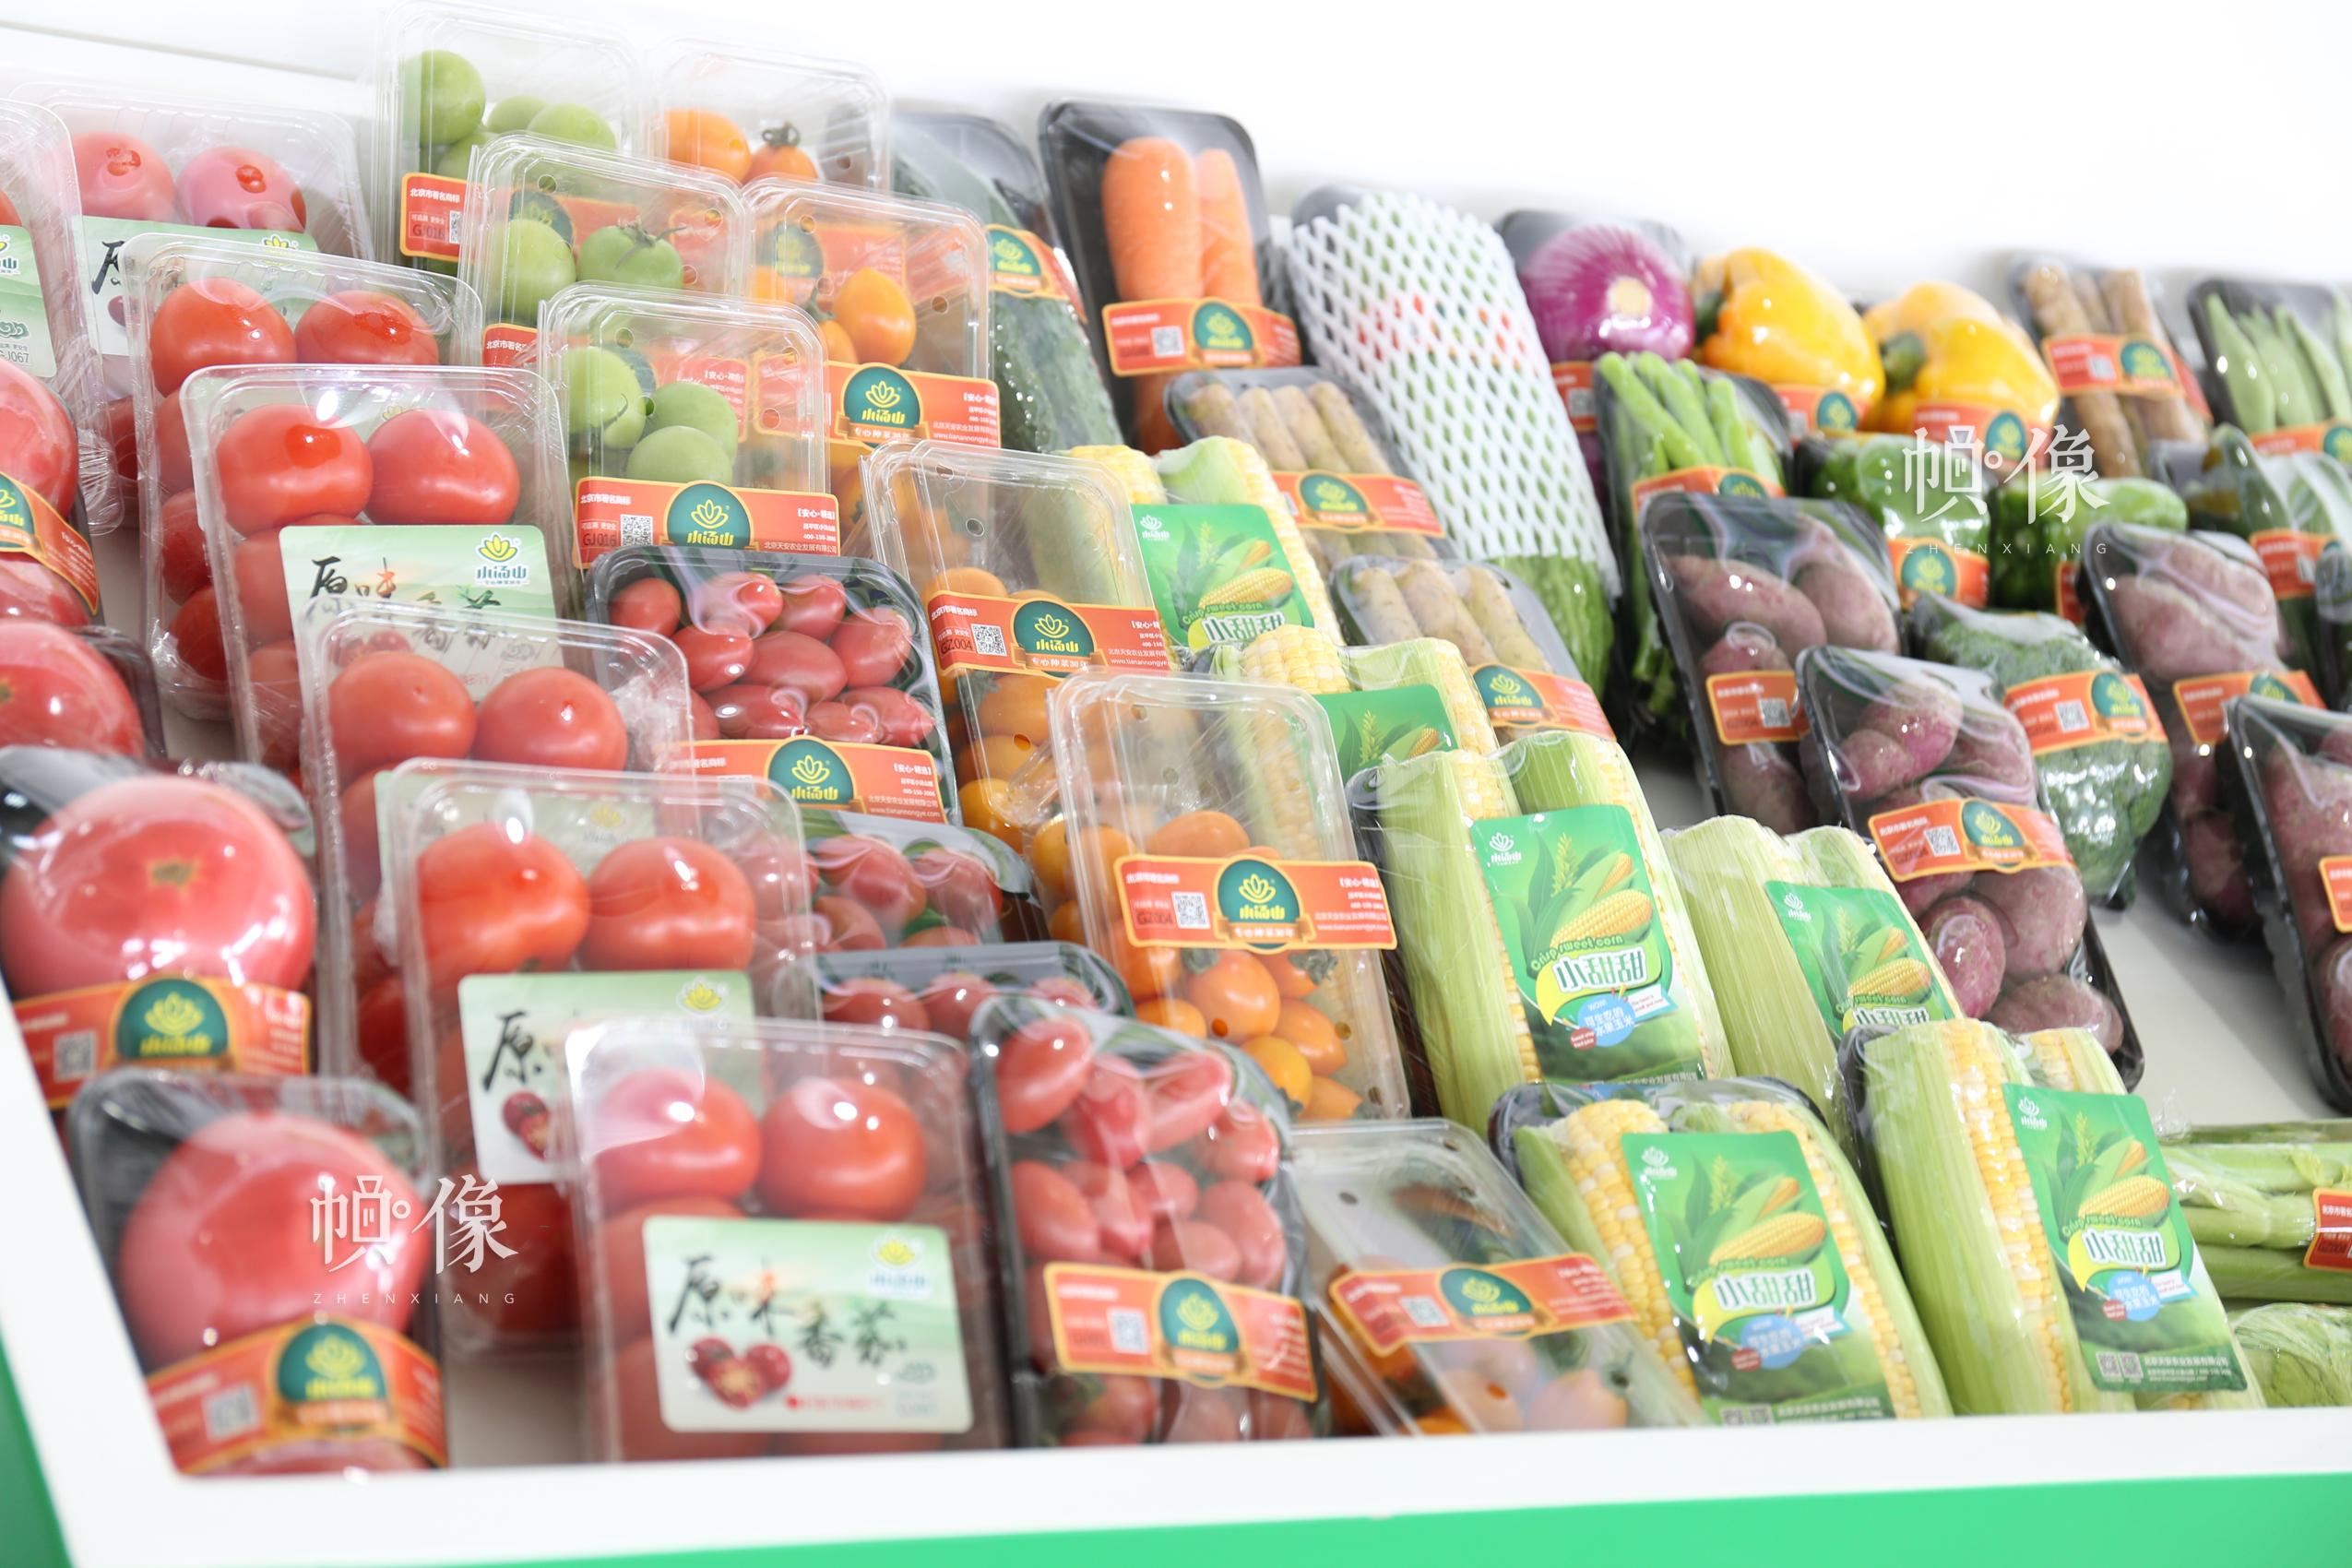 图为北京天安农业小汤山特菜基地所展示部分蔬菜。中国网记者 赵超 摄